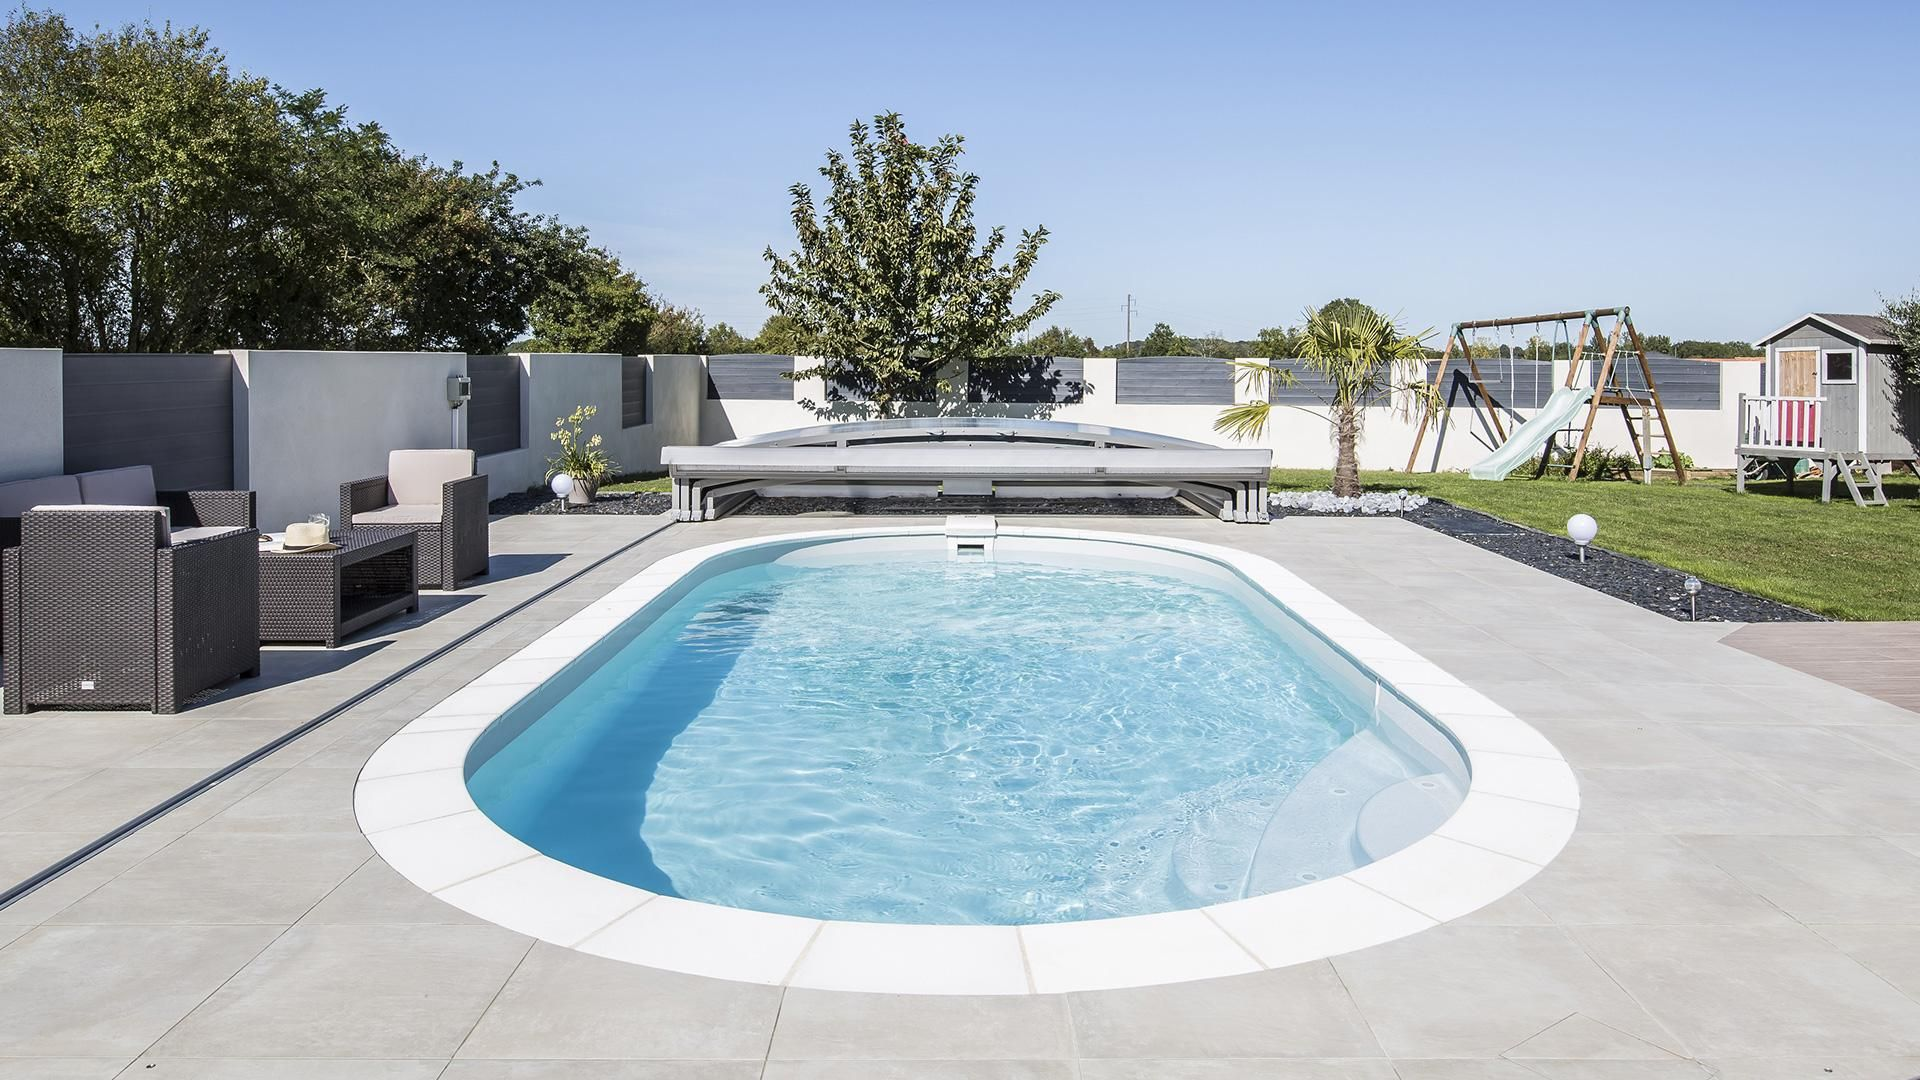 Piscine ovale Elsa une piscine au design intemporel